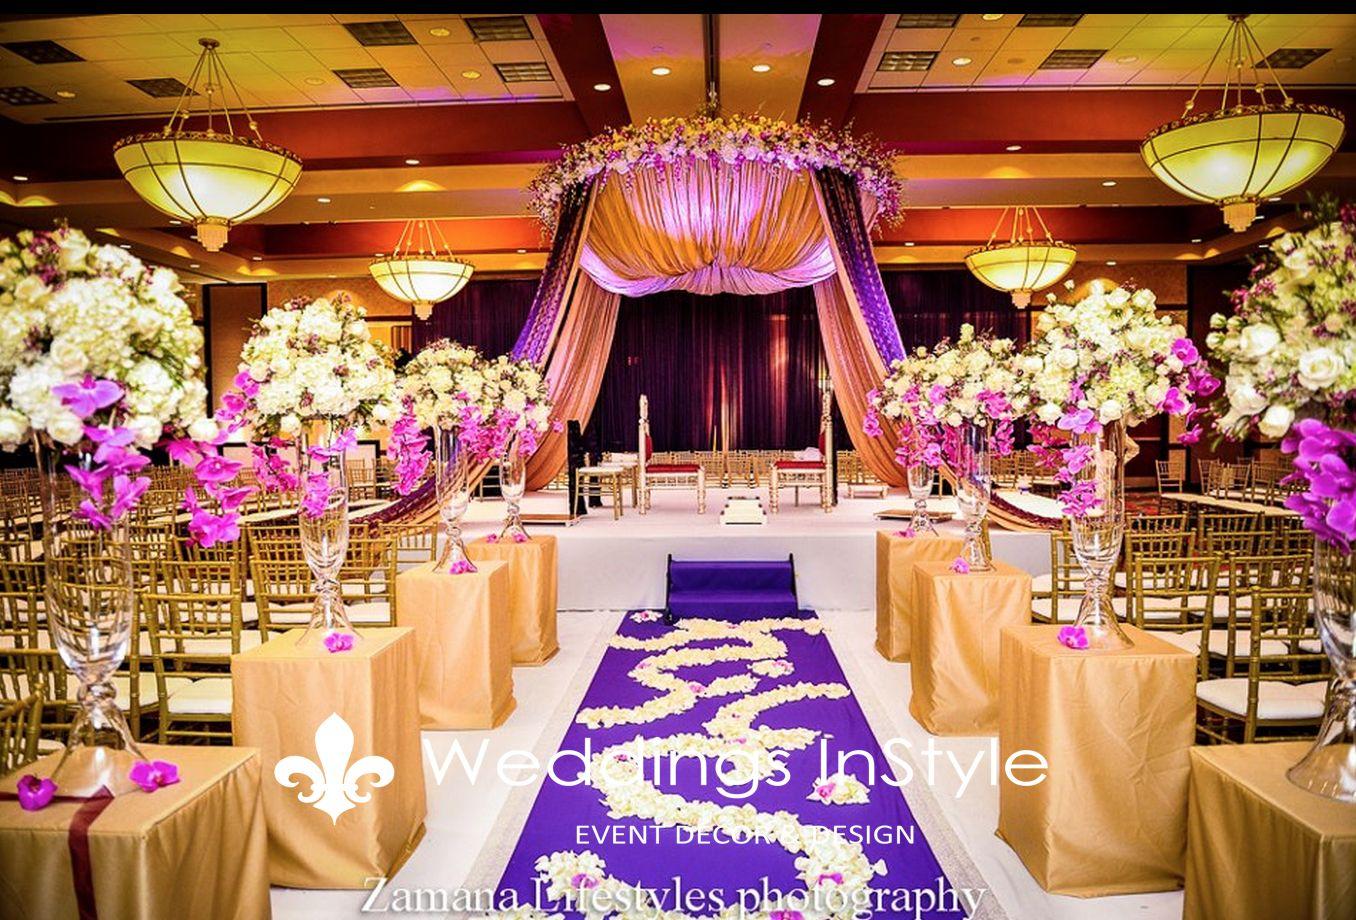 Wedding mandap decoration images  hinduwedding indianwedding indianceremony mandap fabricmandap